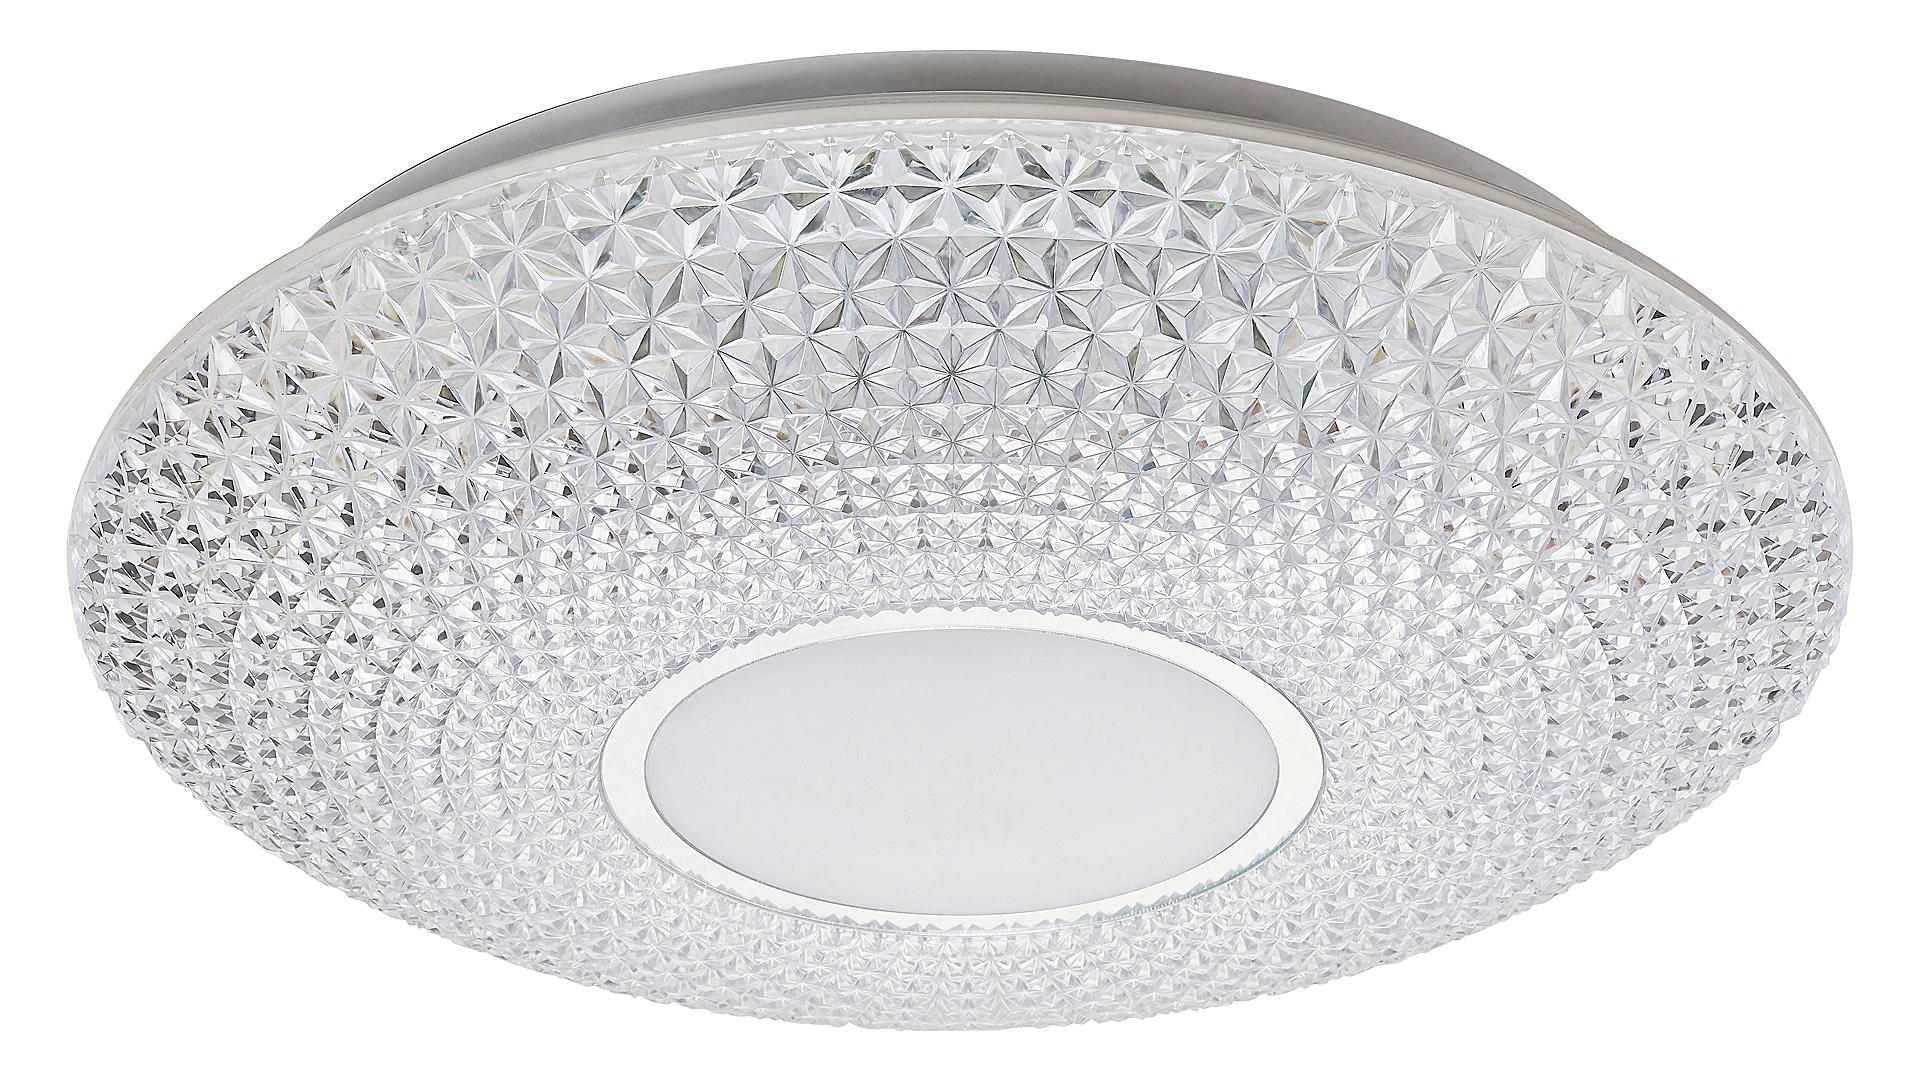 RABALUX 1518 CORALIA stropní led svítidlo s dálkovým ovládáním